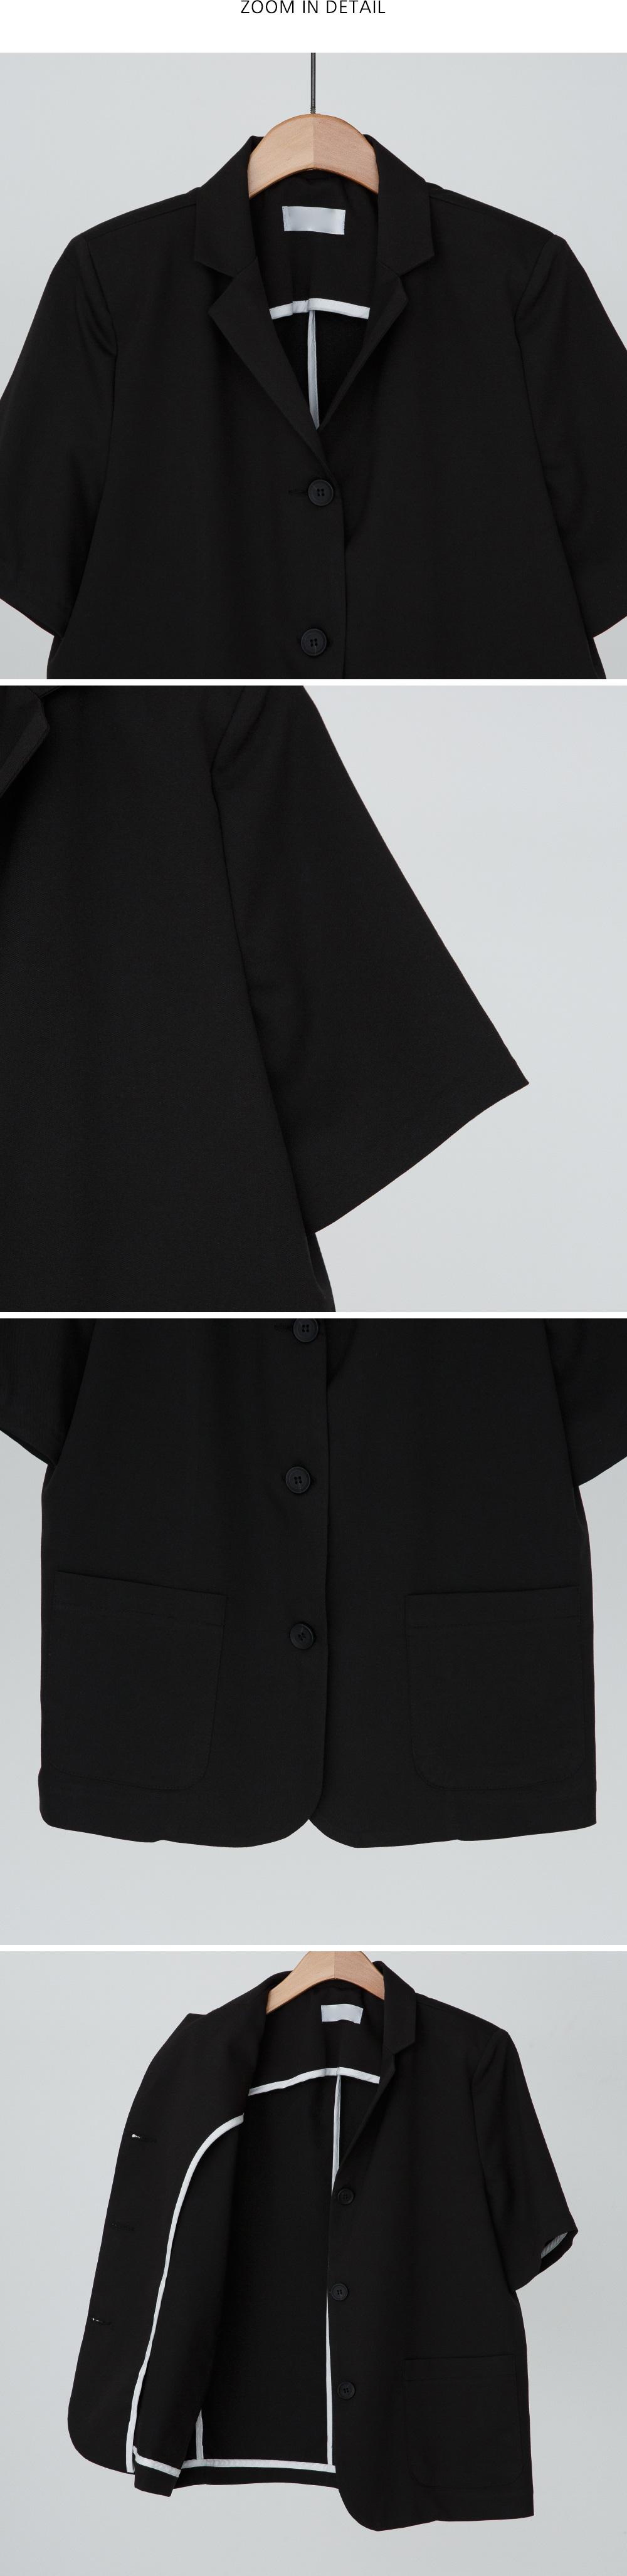 basic fit half sleeve jacket